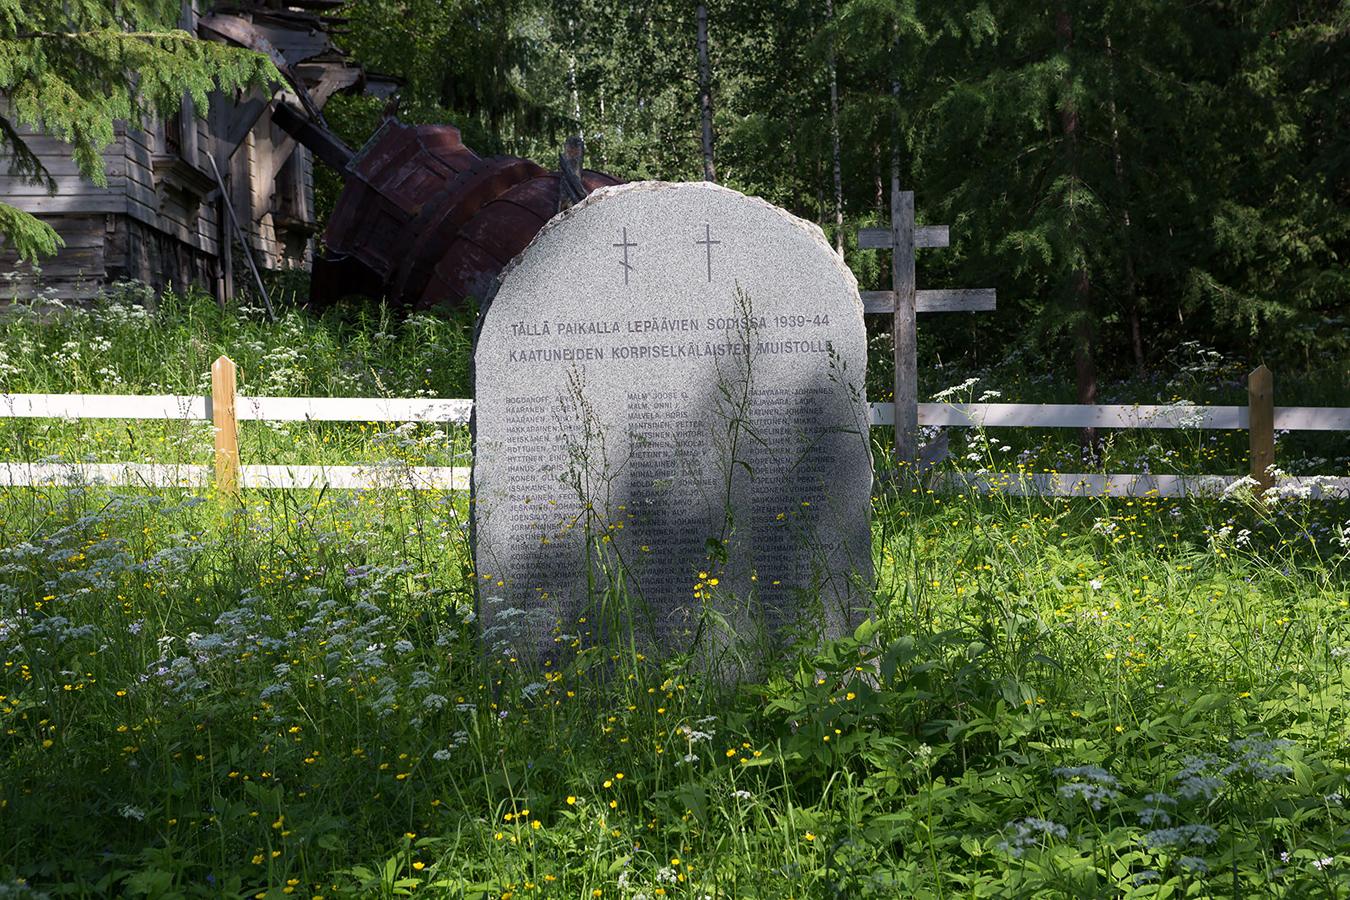 4 июля 2019 года. Памятник воинам 1939-1944 годов